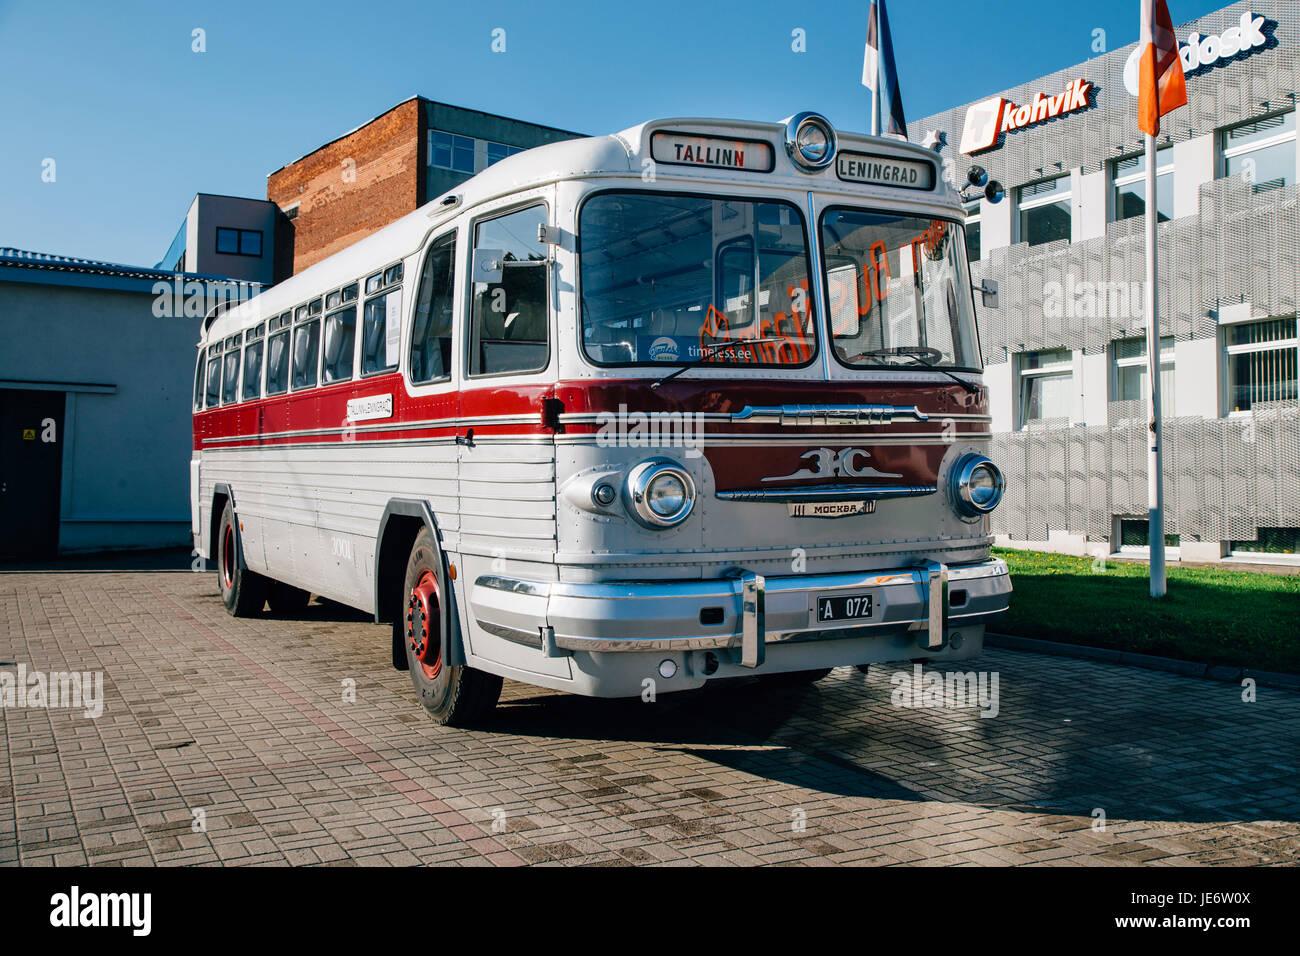 Old bus on the bus station Tallinn, Estonia, Baltic States Stock Photo